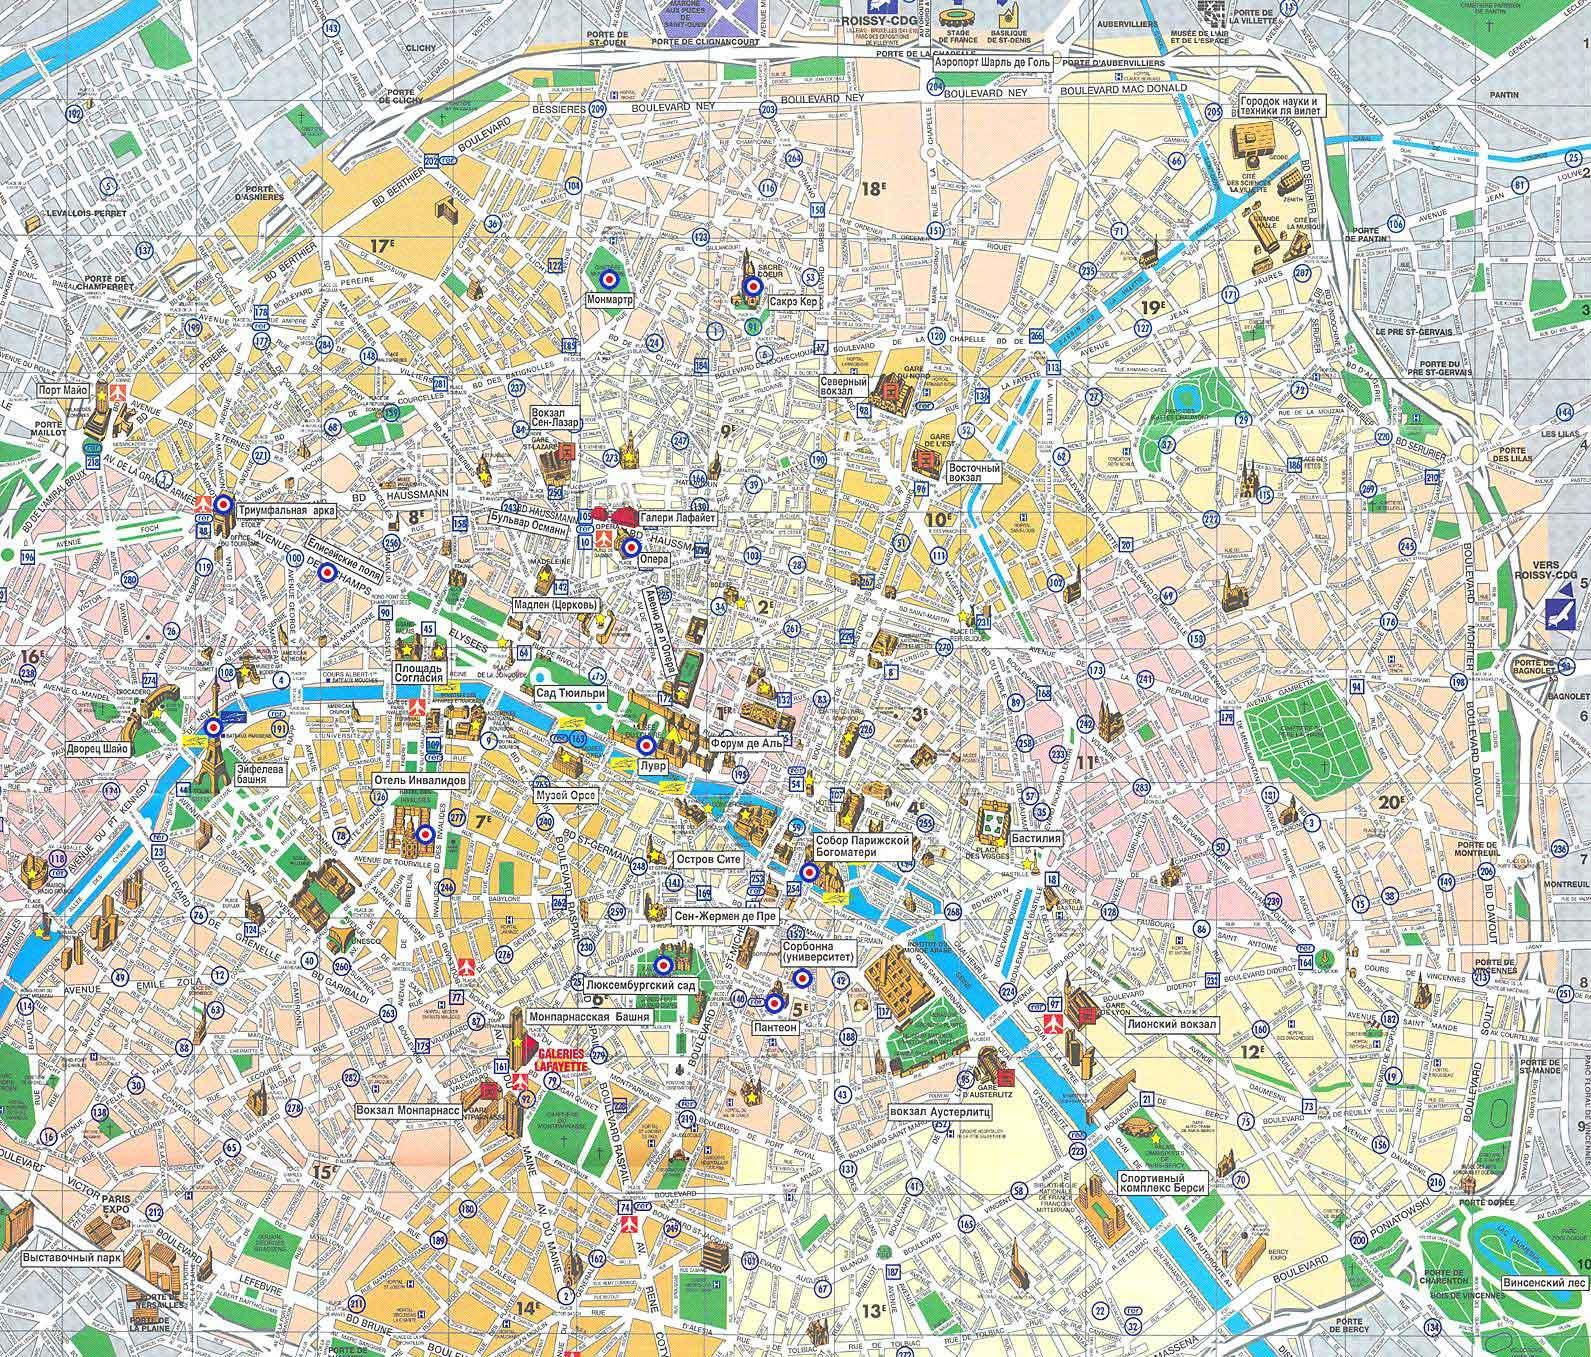 Street Map Of Central Paris Kartta Kadulla Pariisin Keskustassa